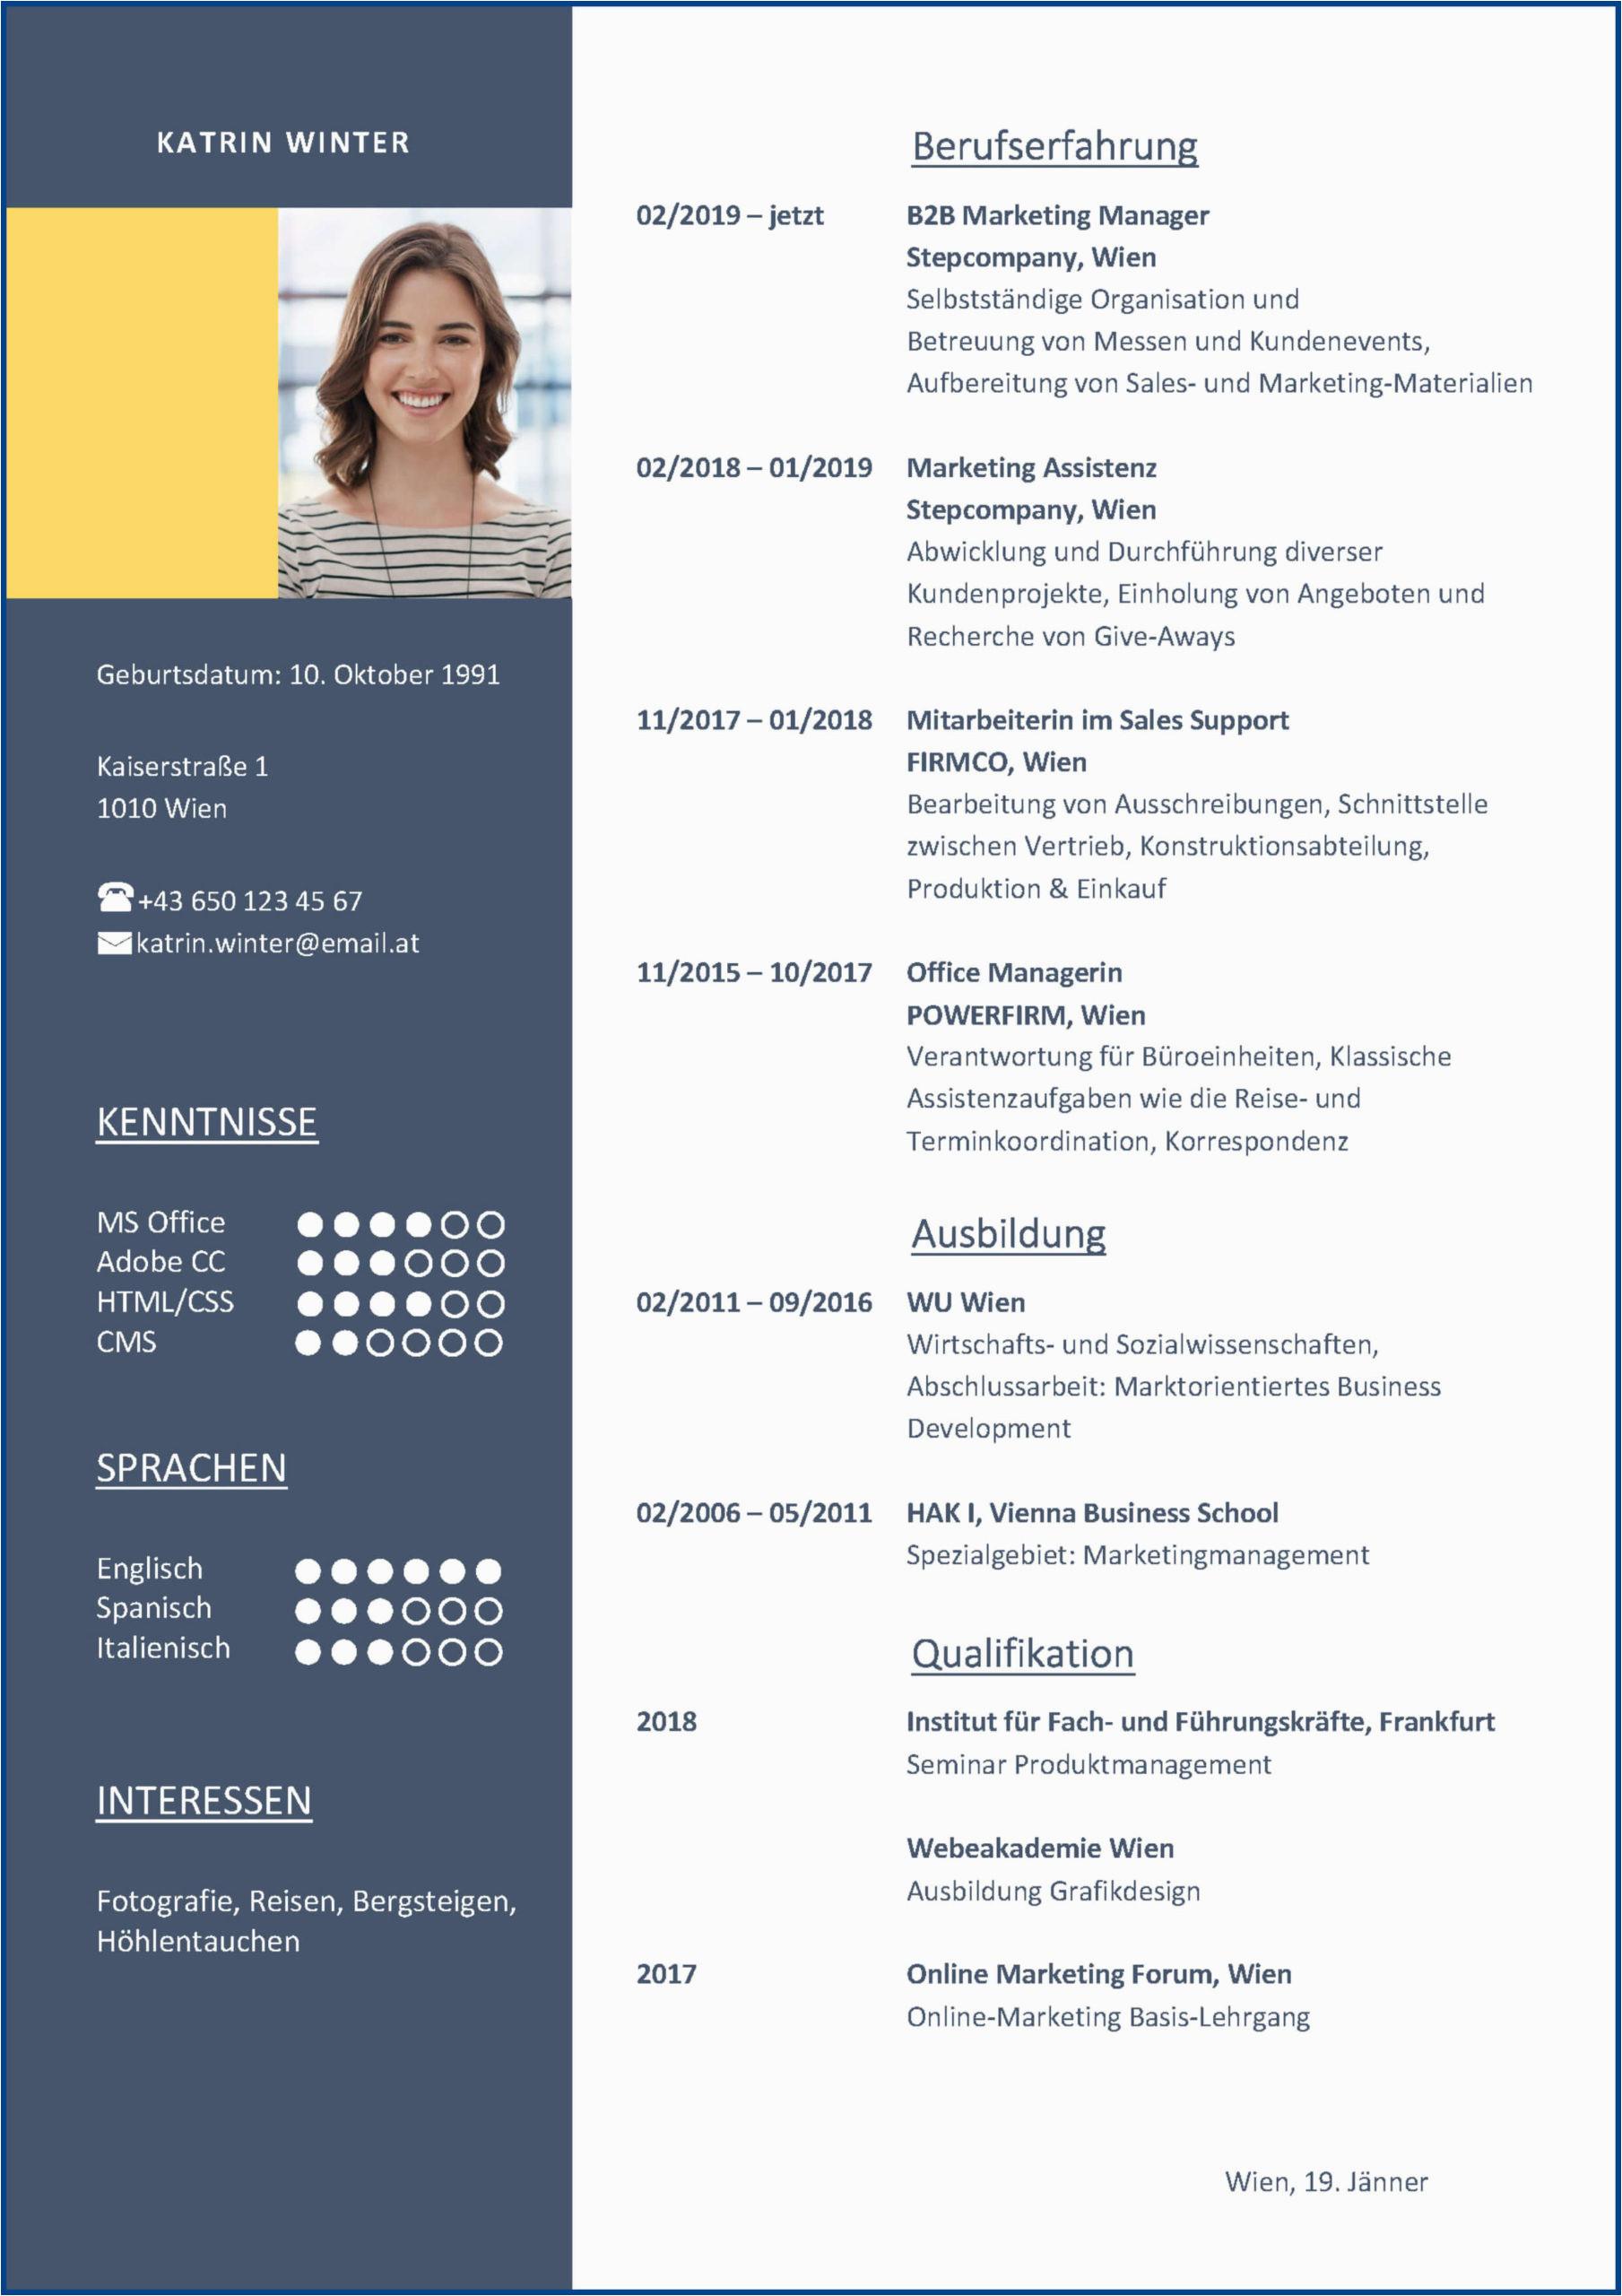 Lebenslauf Neues Design Der Perfekte Lebenslauf Aufbau Tipps Und Vorlagen